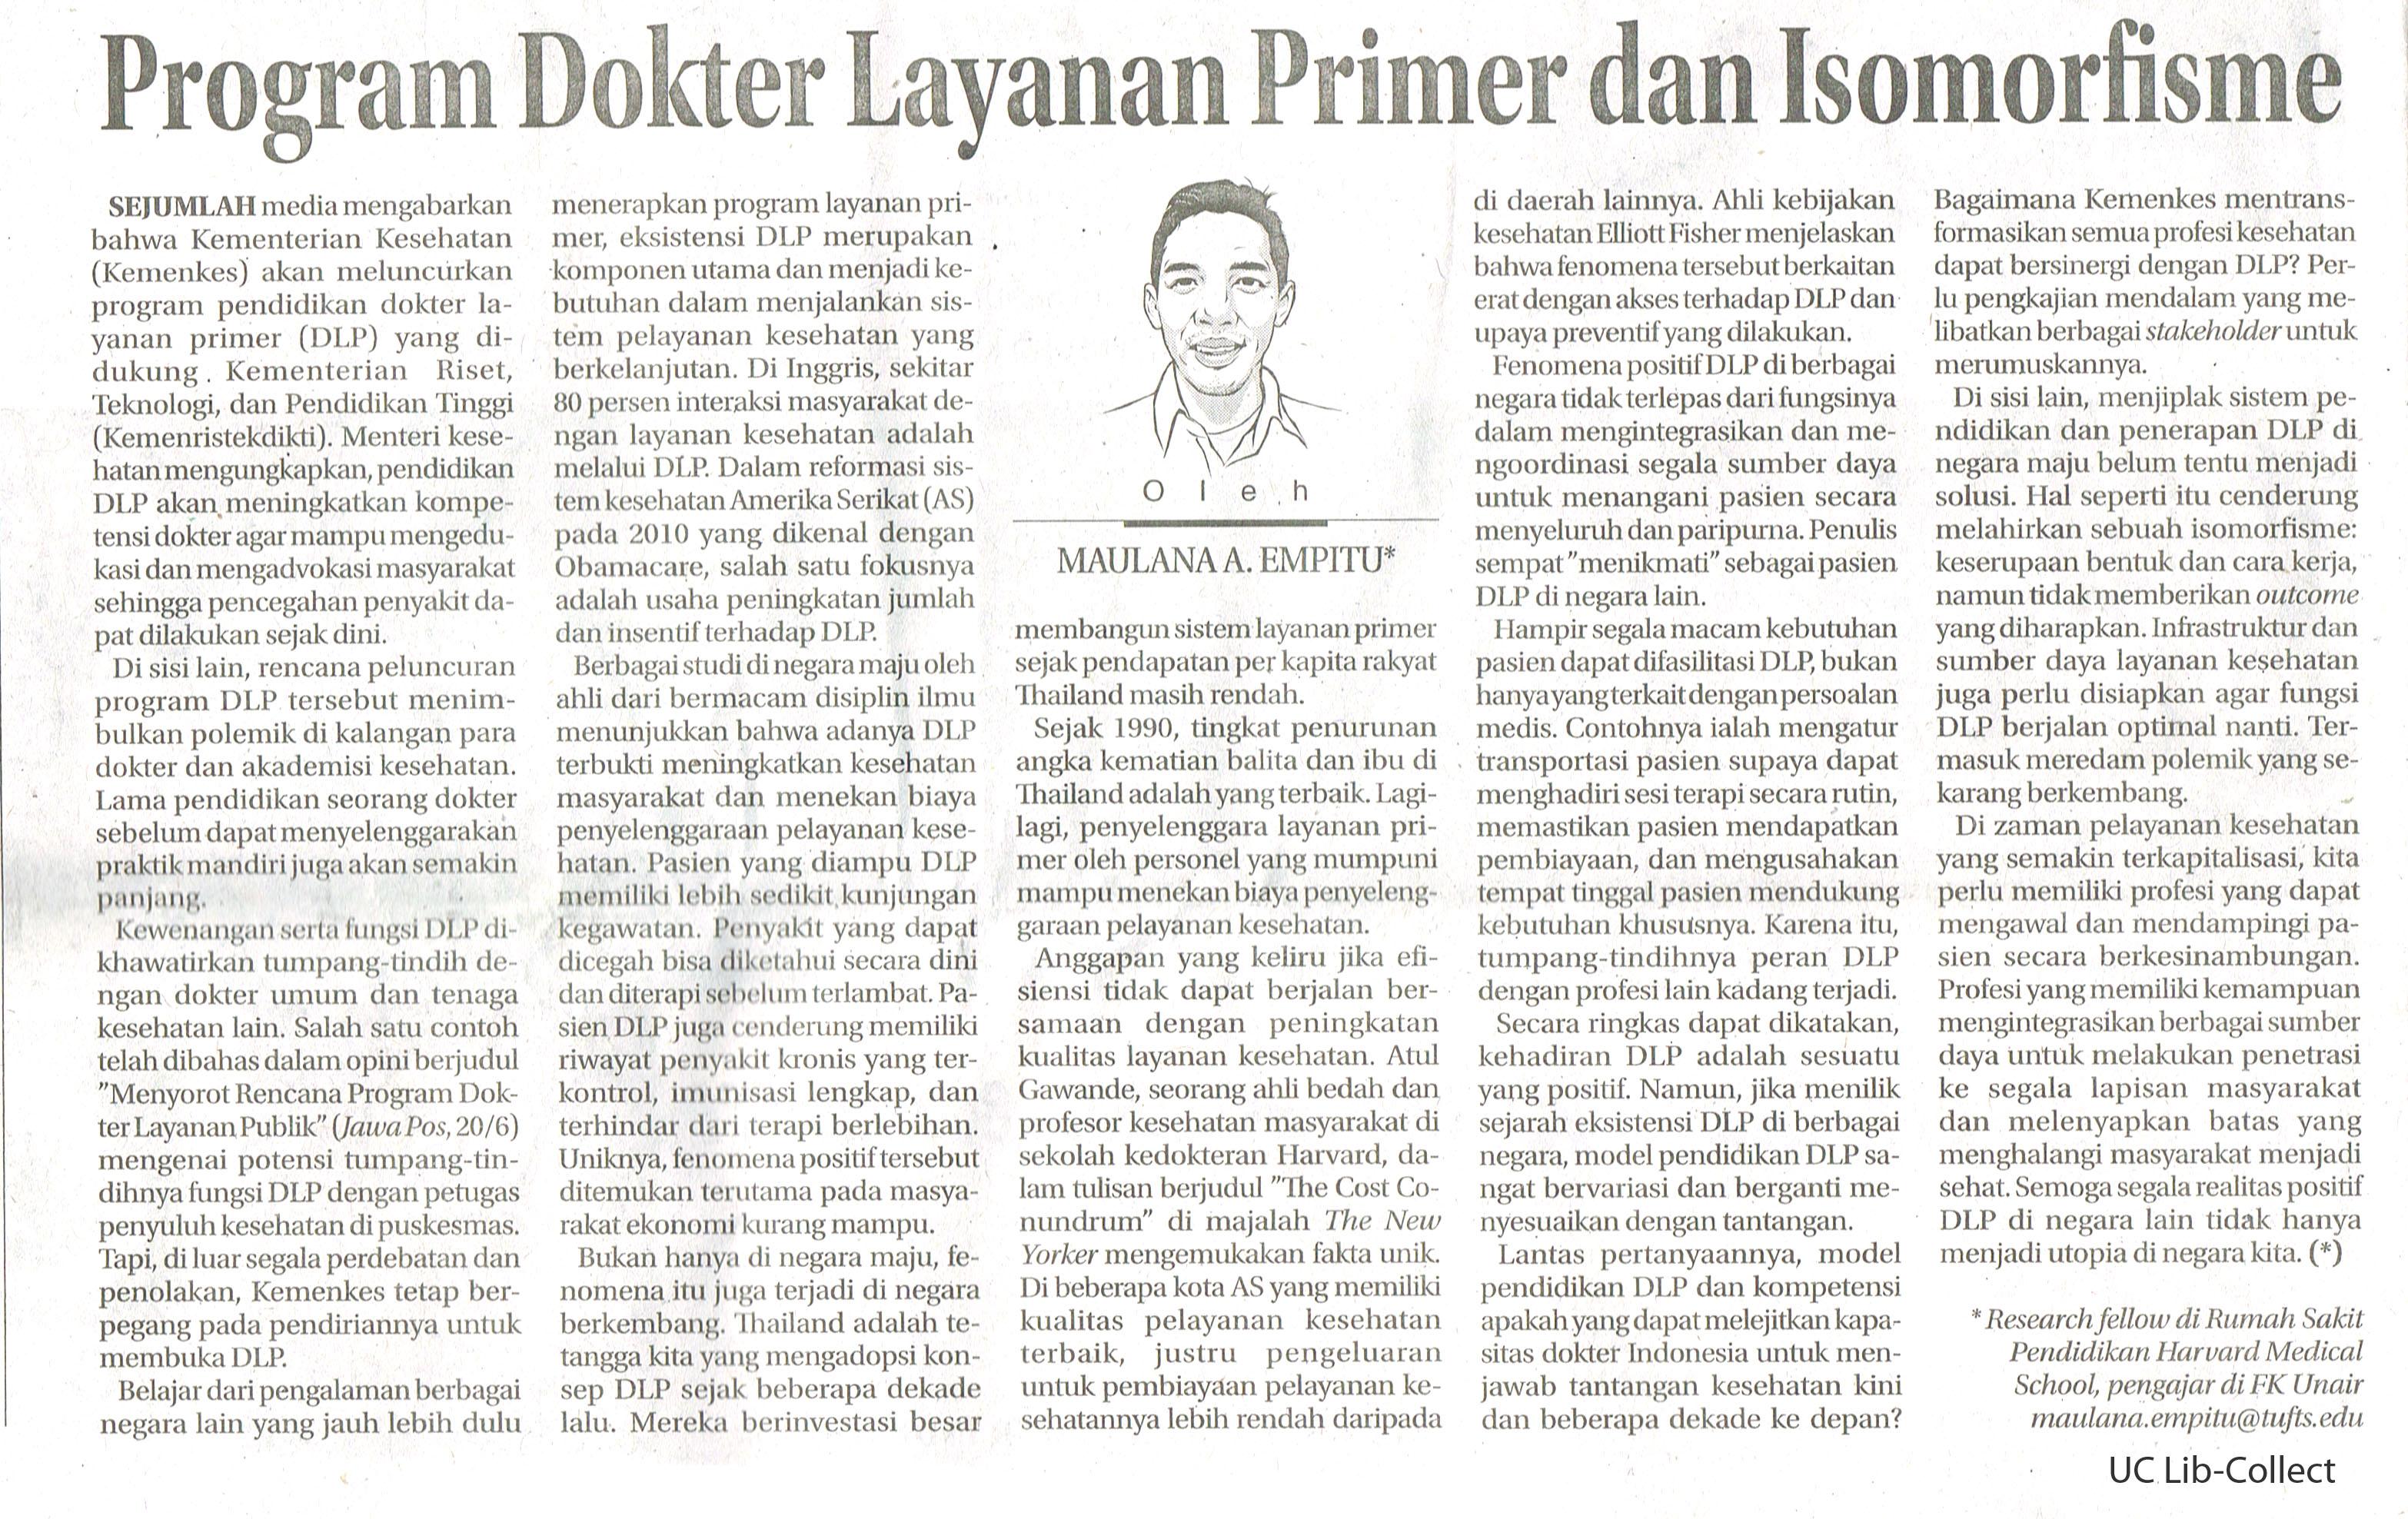 Program Dokter Layanan Primer dan Isomorfisme.Jawa Pos. 21 Juni 2016.Hal.4